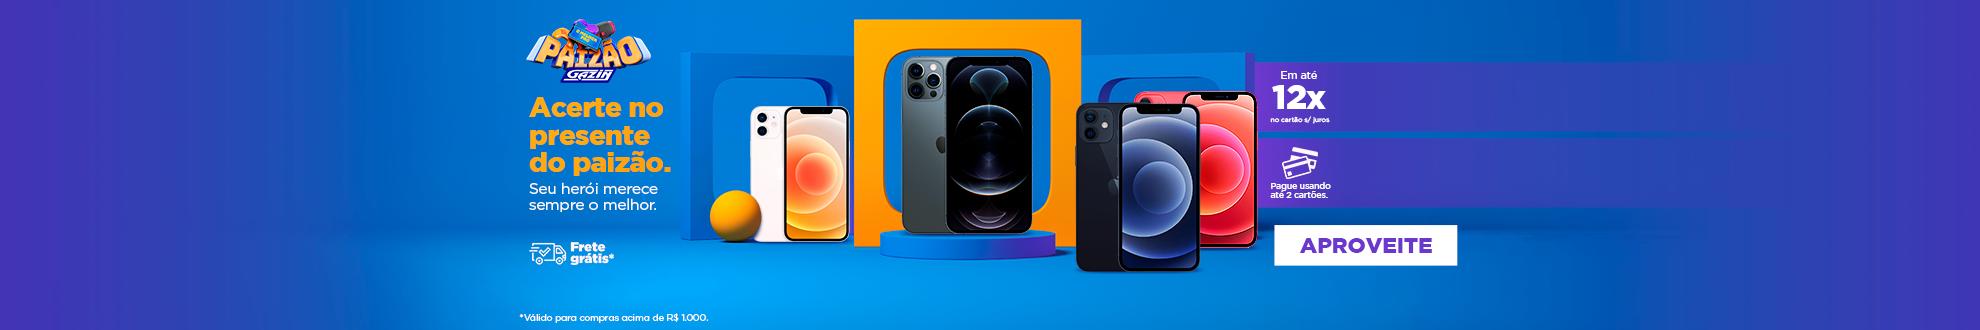 O melhor pro Paizao - Iphones